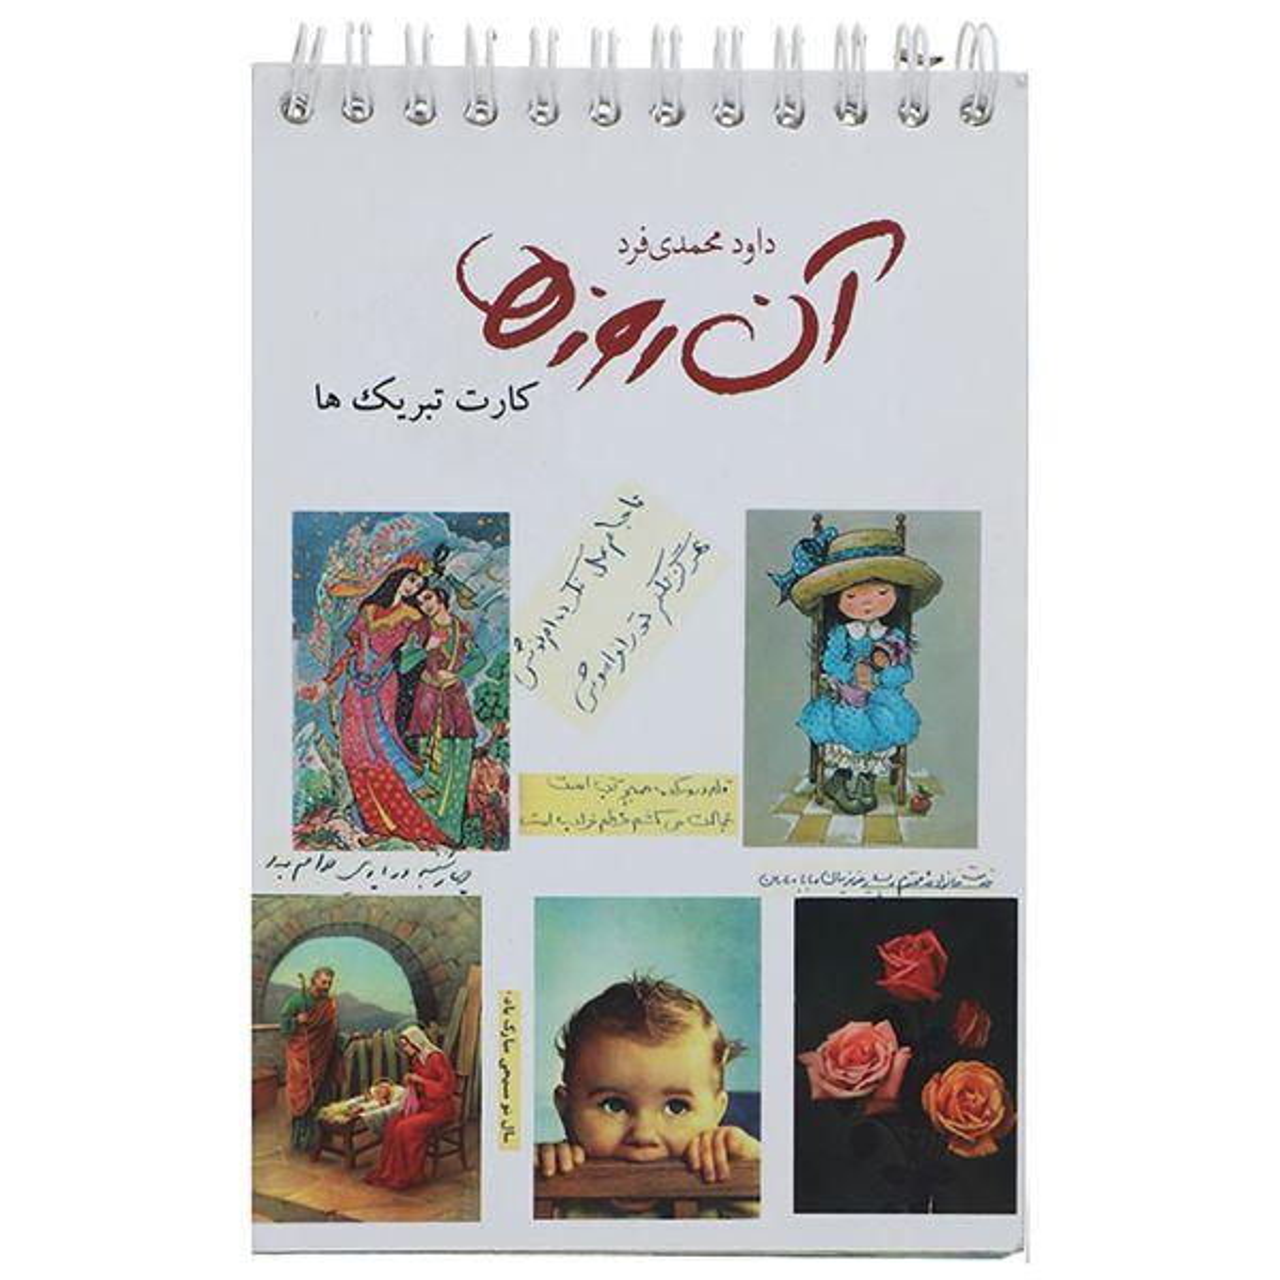 کتاب آن روزها - کارت تبریک ها اثر داوود محمدی فرد